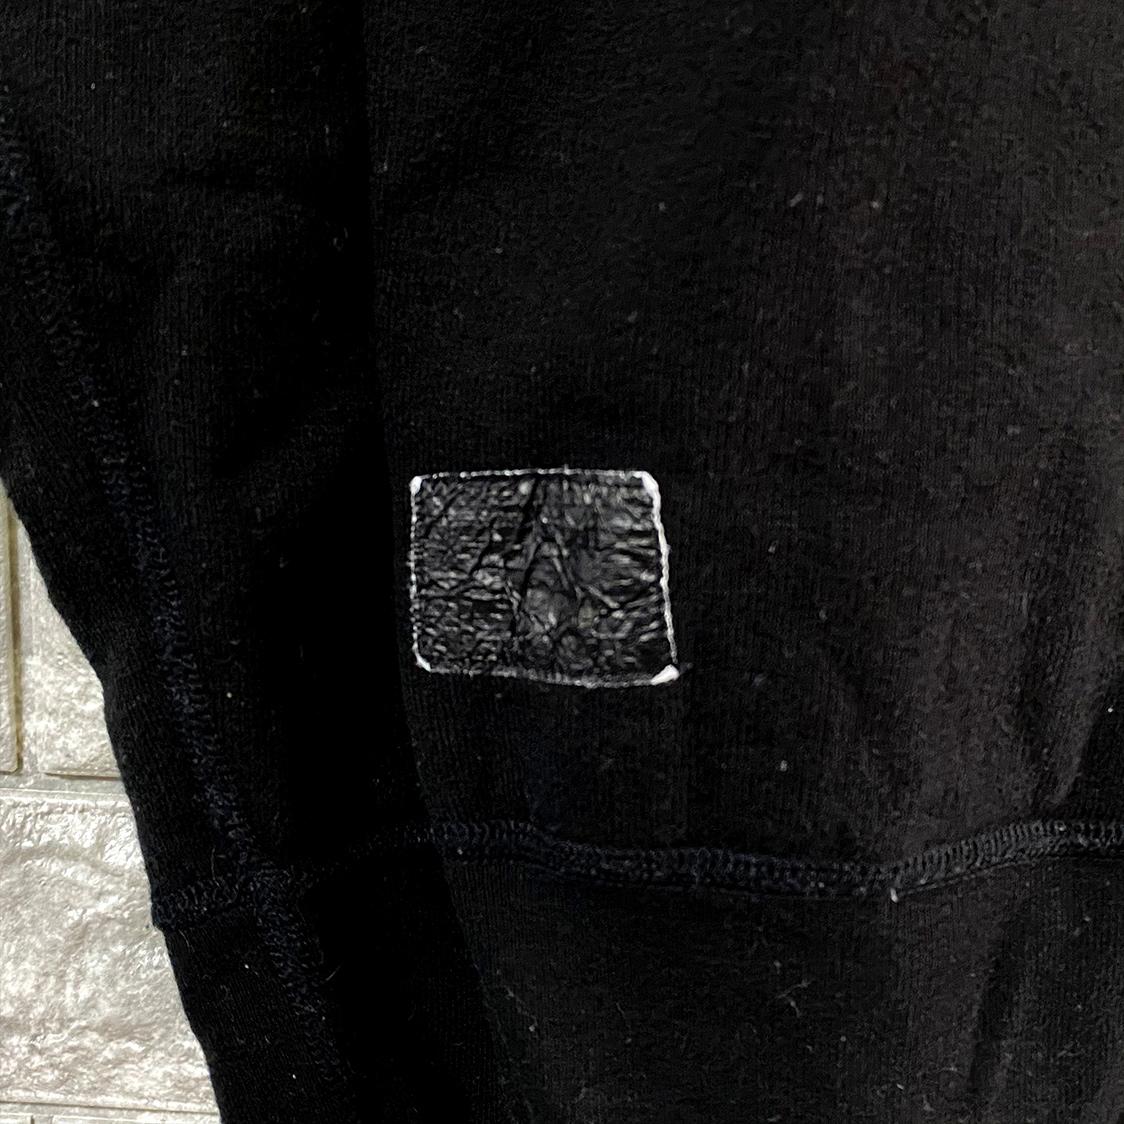 レア THE POOL AOYAMA ザ プール アオヤマ【Sサイズ】プルオーバー パーカー フーディ ブラック 藤原ヒロシ zip up